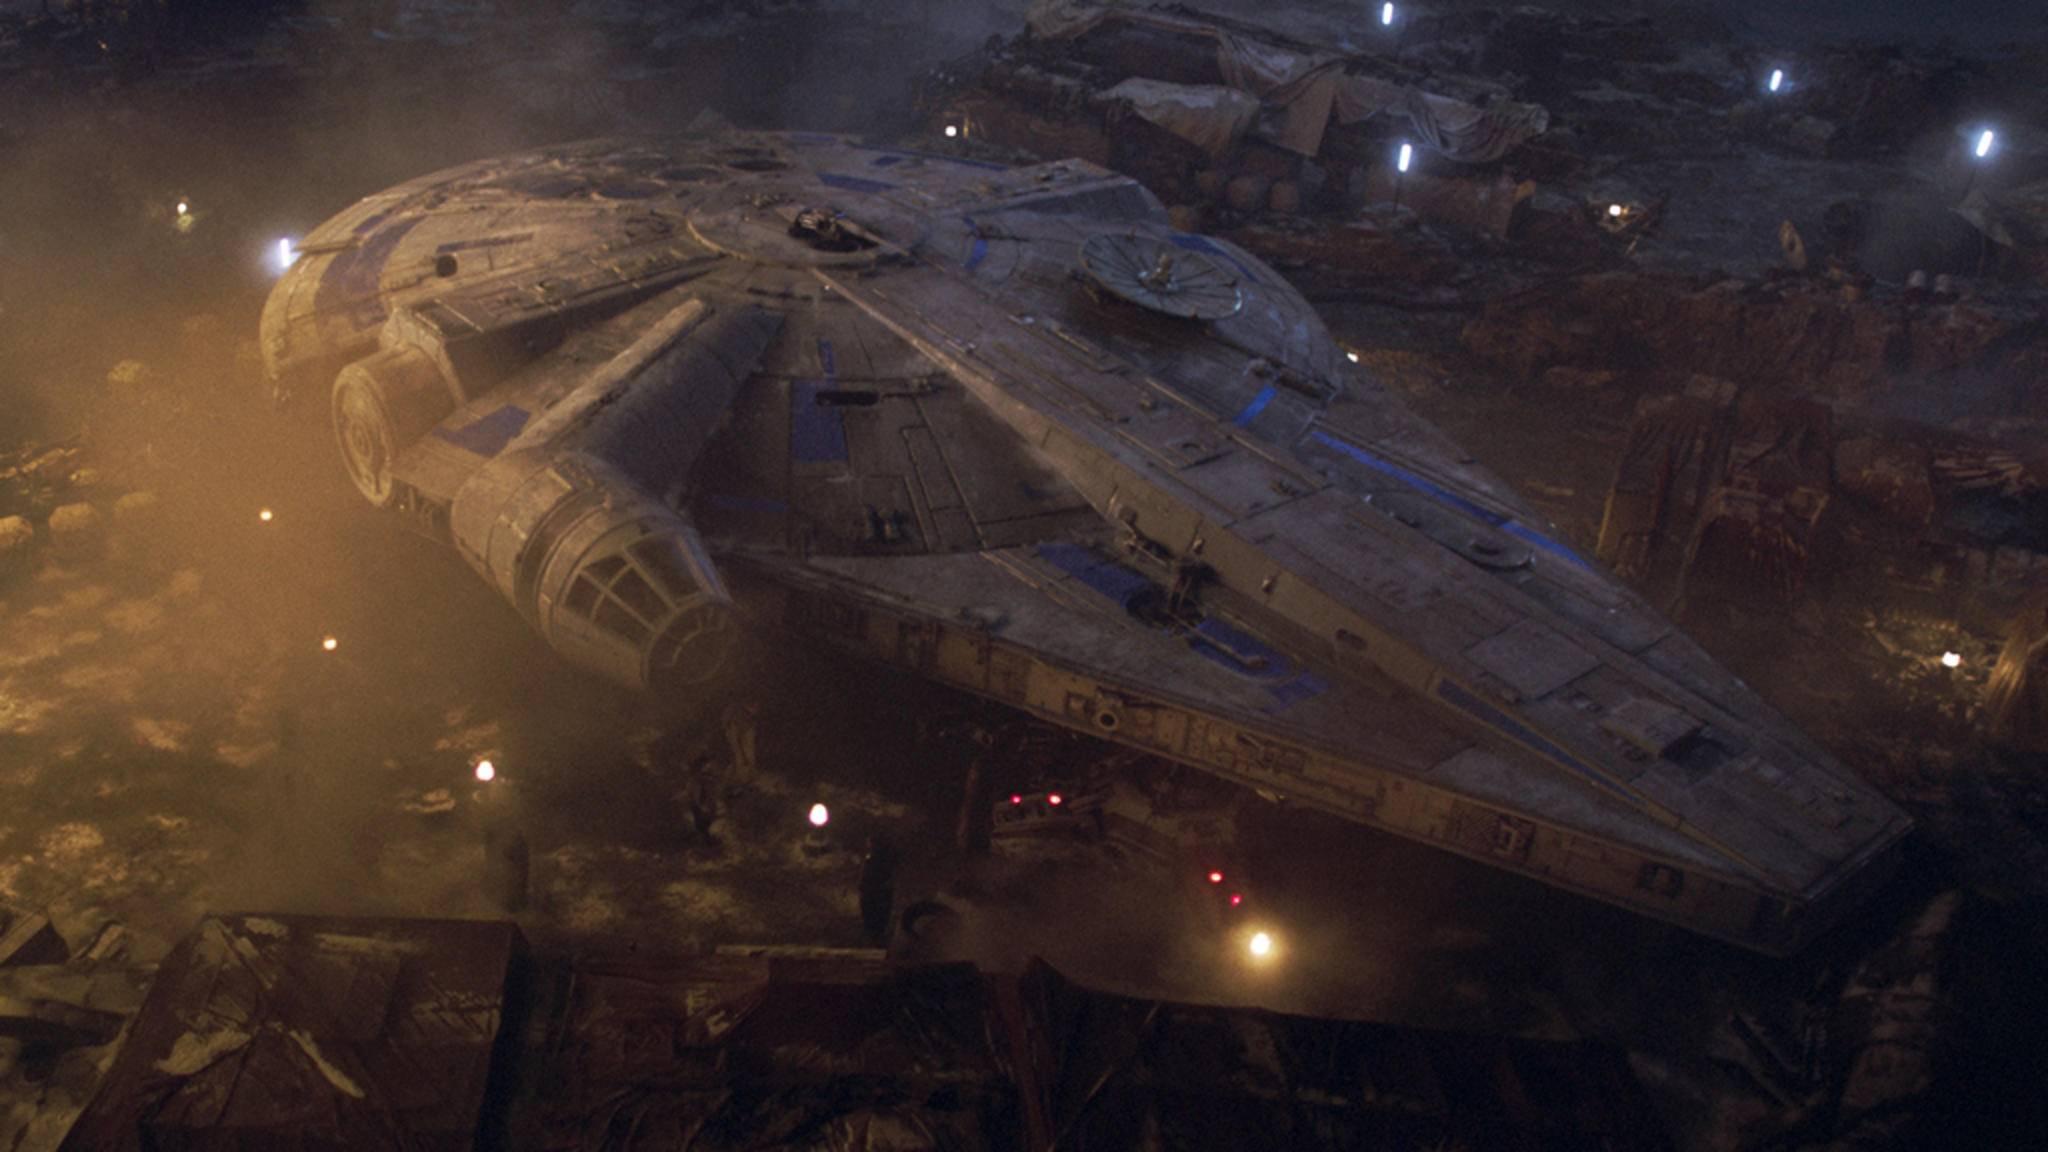 """Welchen bekannten """"Star Wars""""-Charakter werden wir wohl im Spin-off zu sehen bekommen?"""